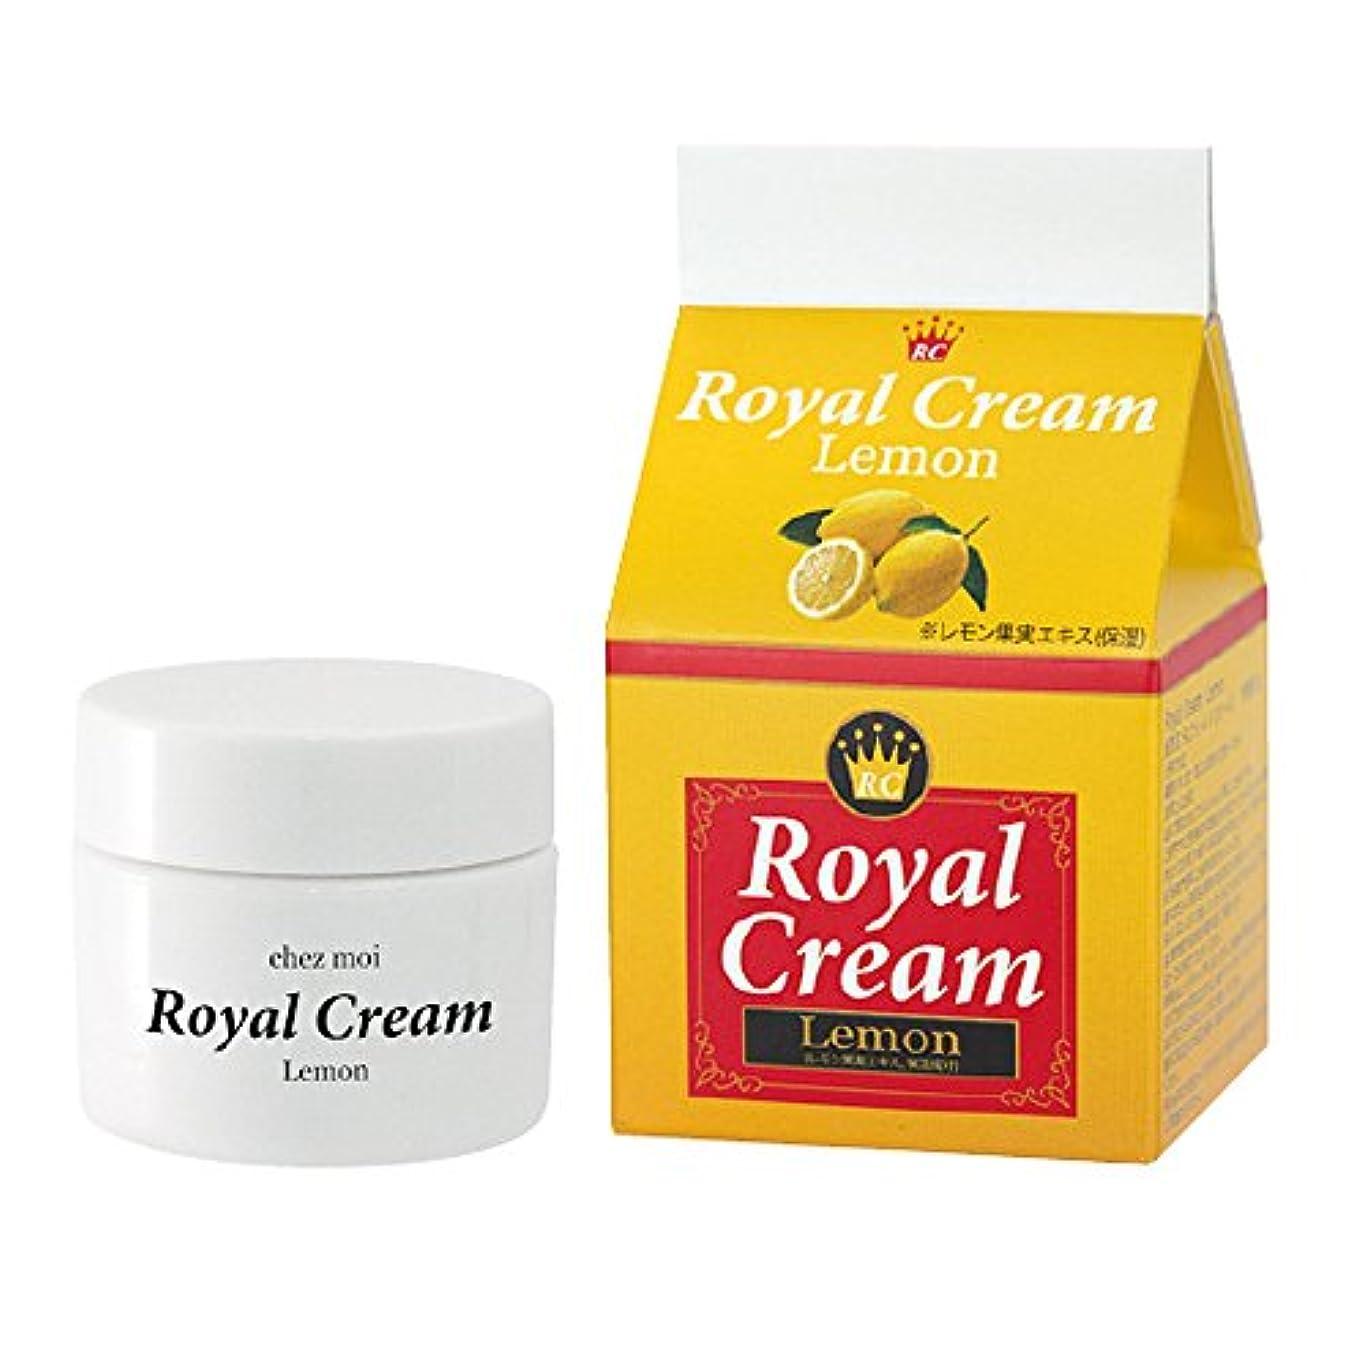 にもかかわらず男らしい空港シェモア Royal Cream Lemon(ロイヤルクリームレモン) 30g